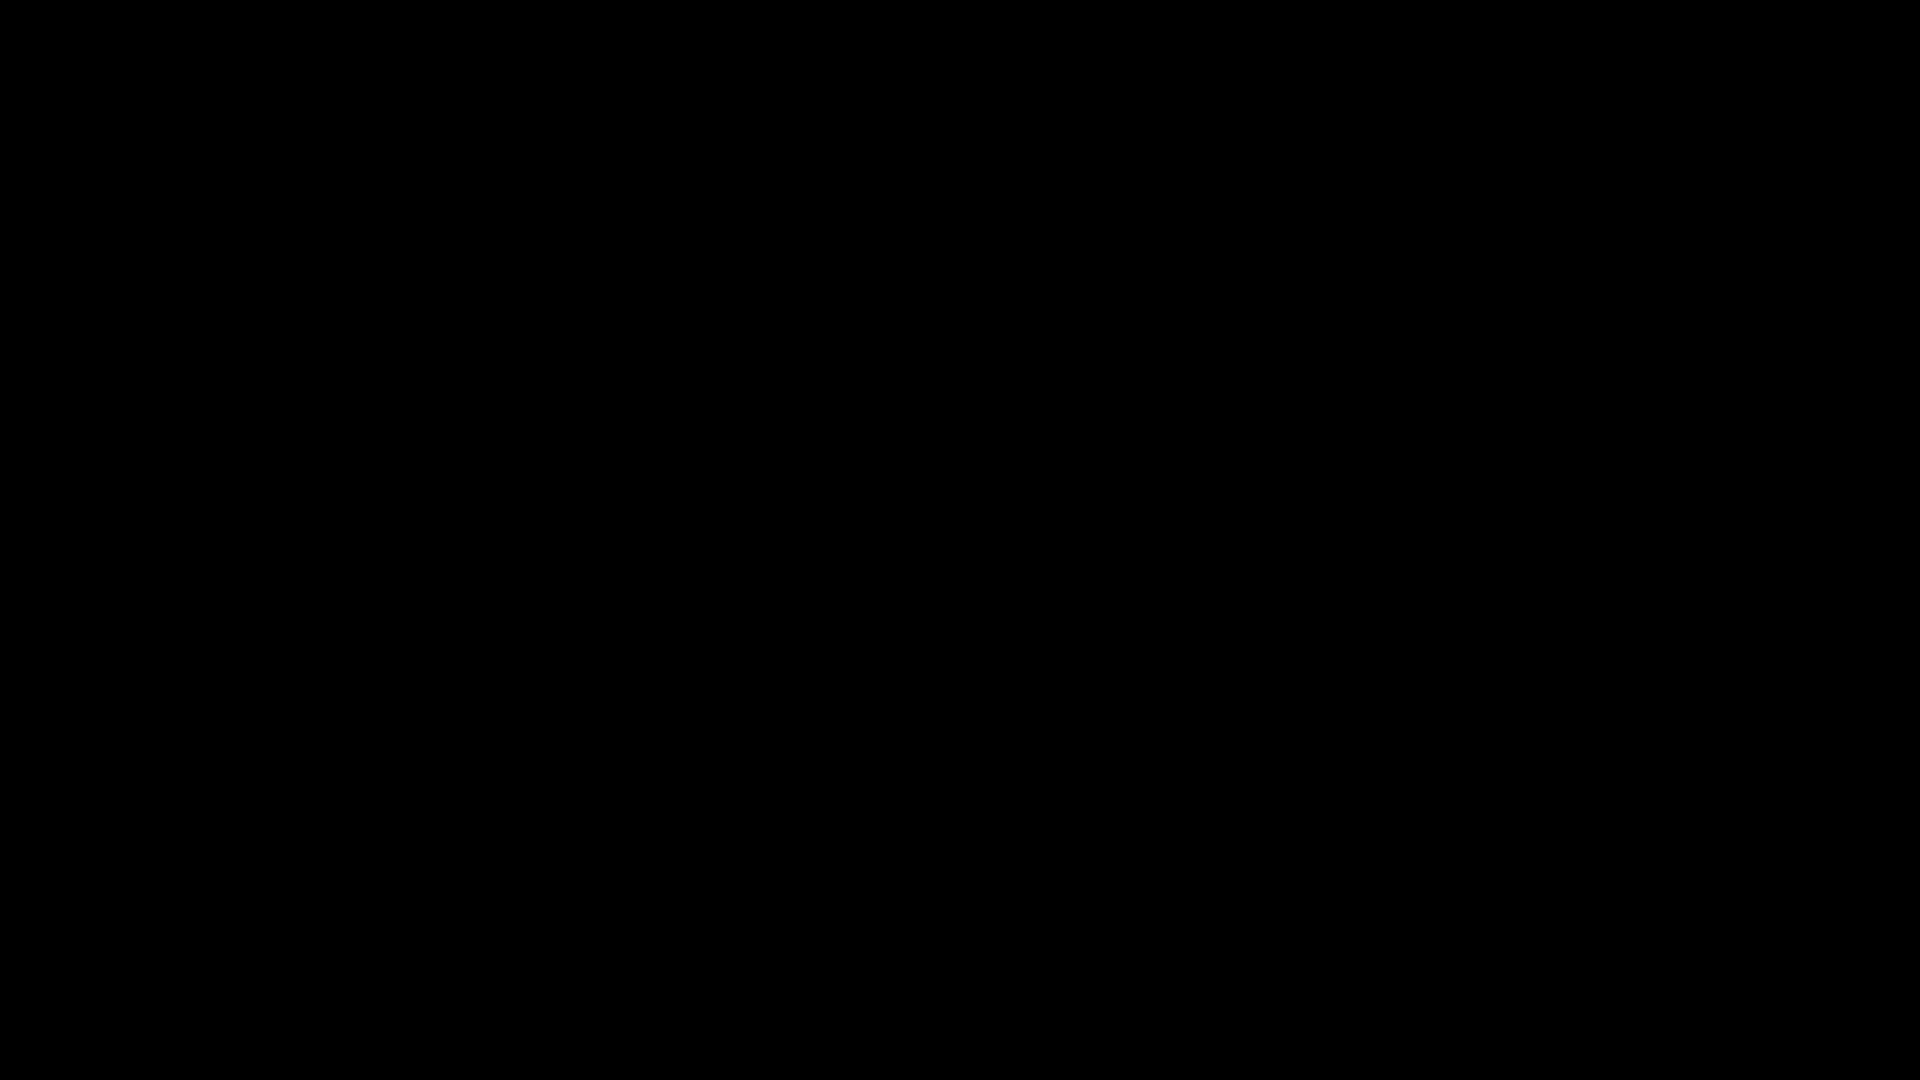 ~厳選!素人イケメン~俺のオナニズムⅢVol.04 人気シリーズ ゲイAV画像 58画像 9